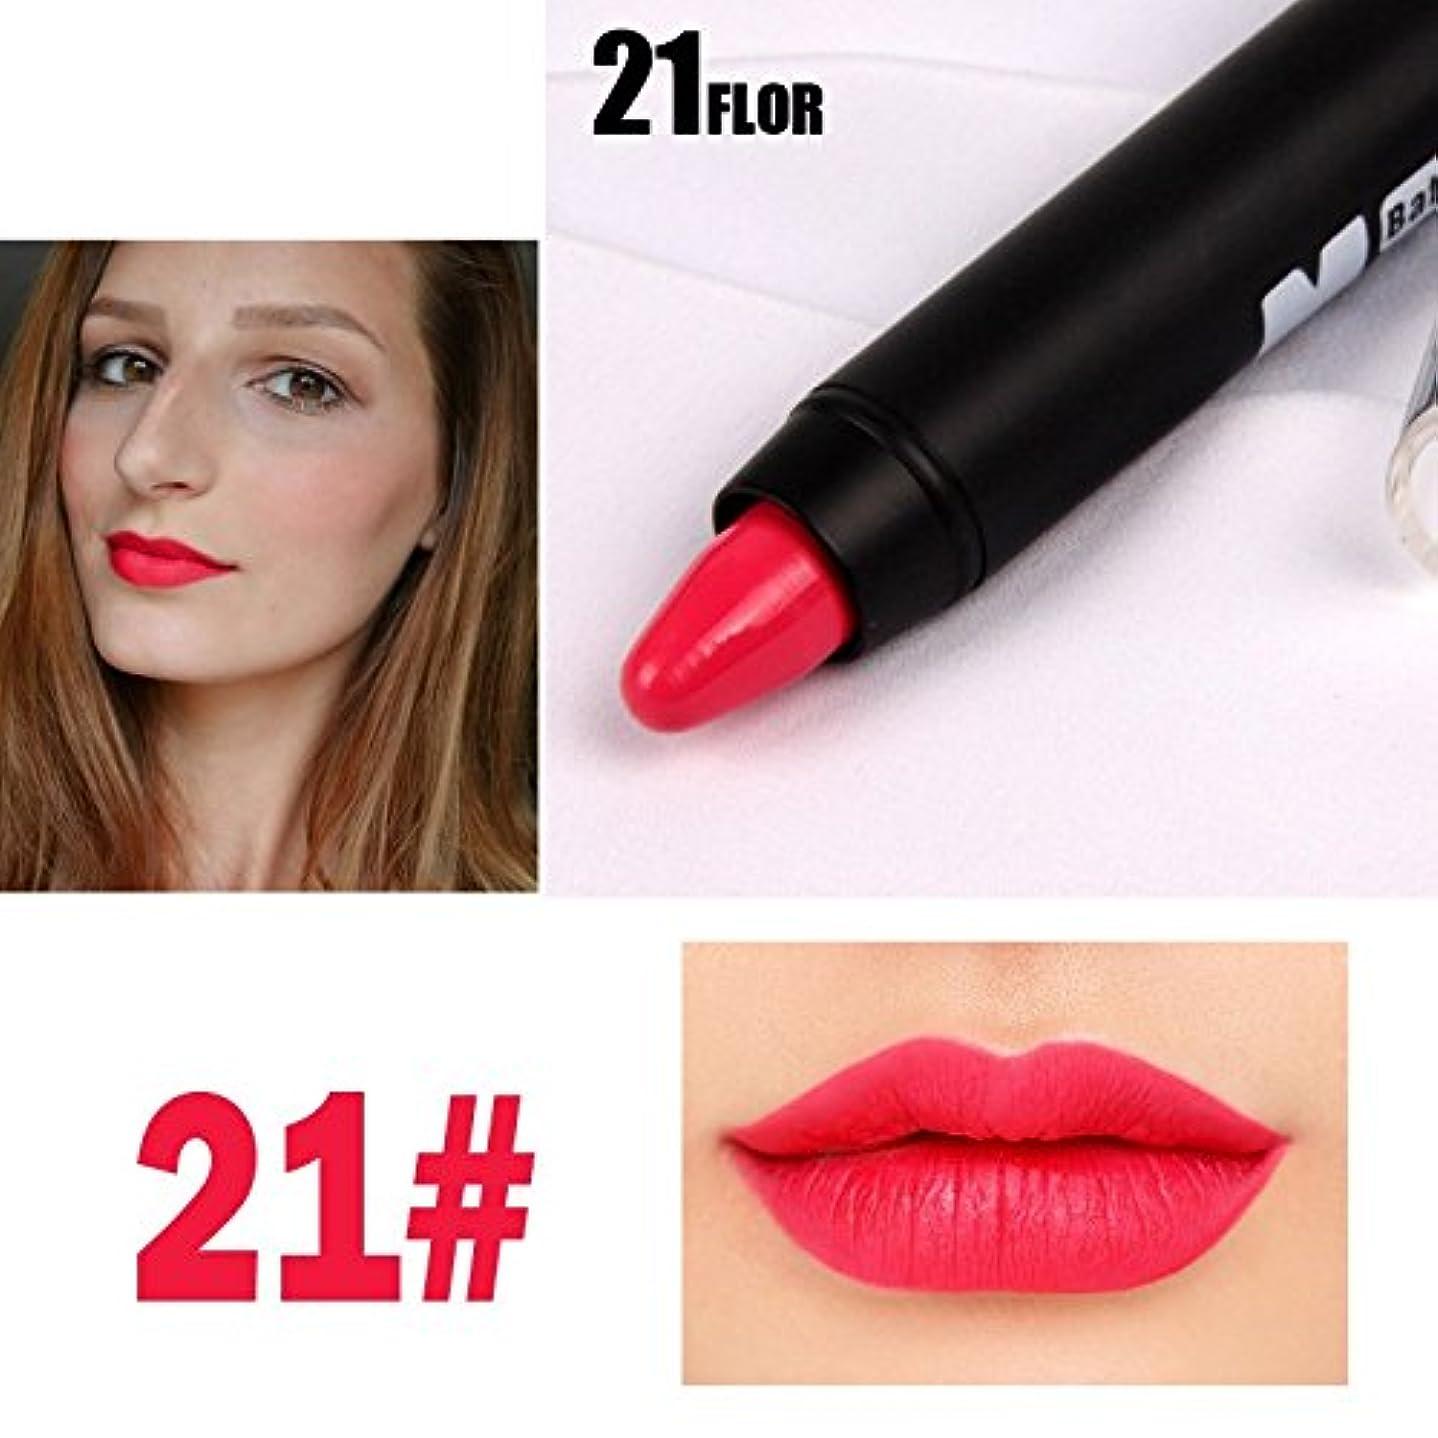 顎カフェ燃料MISS ROSE Professional Women Waterproof Lipstick Lips Cream Beauty Lote Batom Matte Lipstick Nude Pencils Makeup